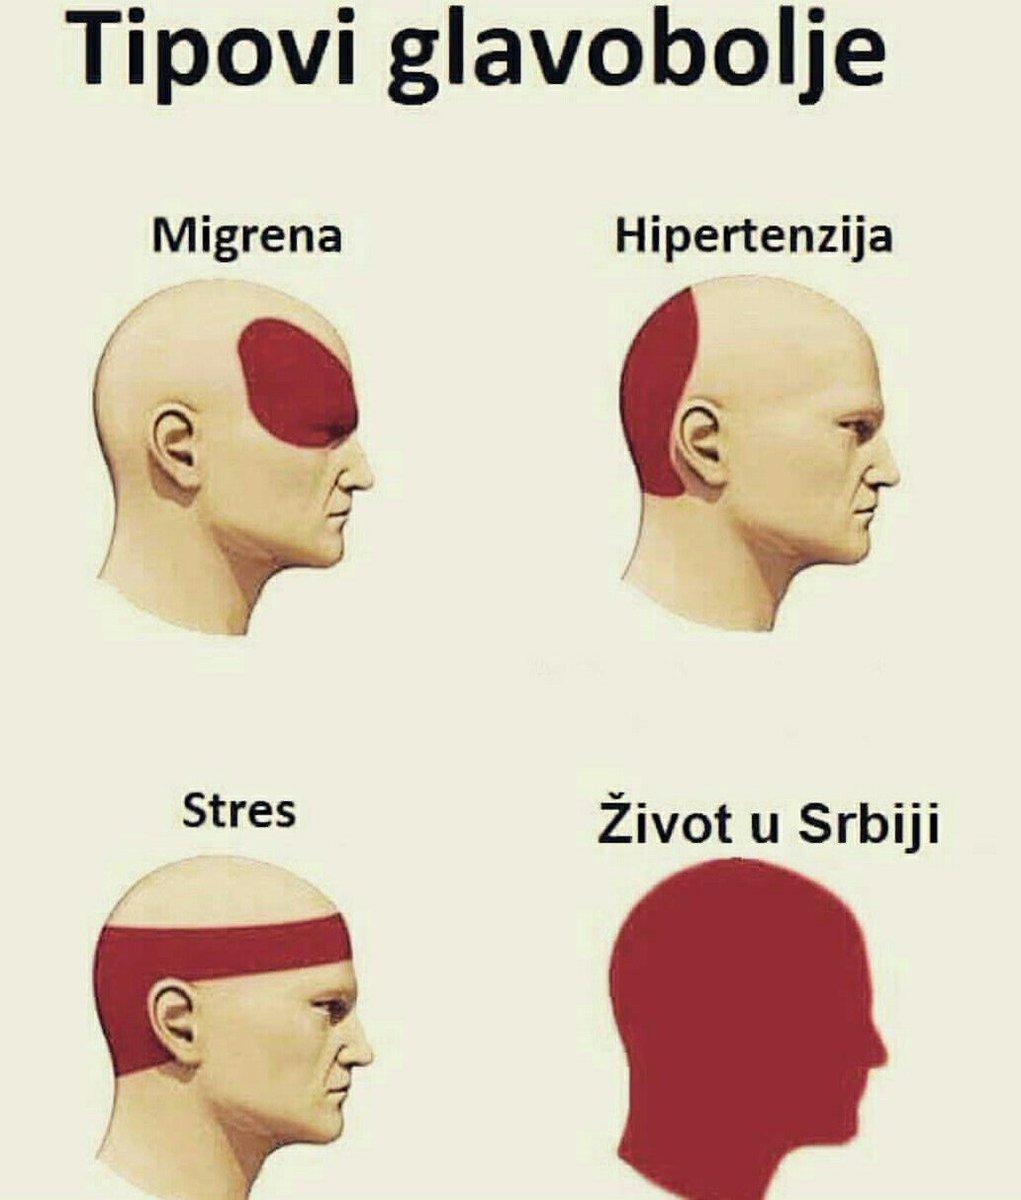 gdje hipertenzija glavobolja